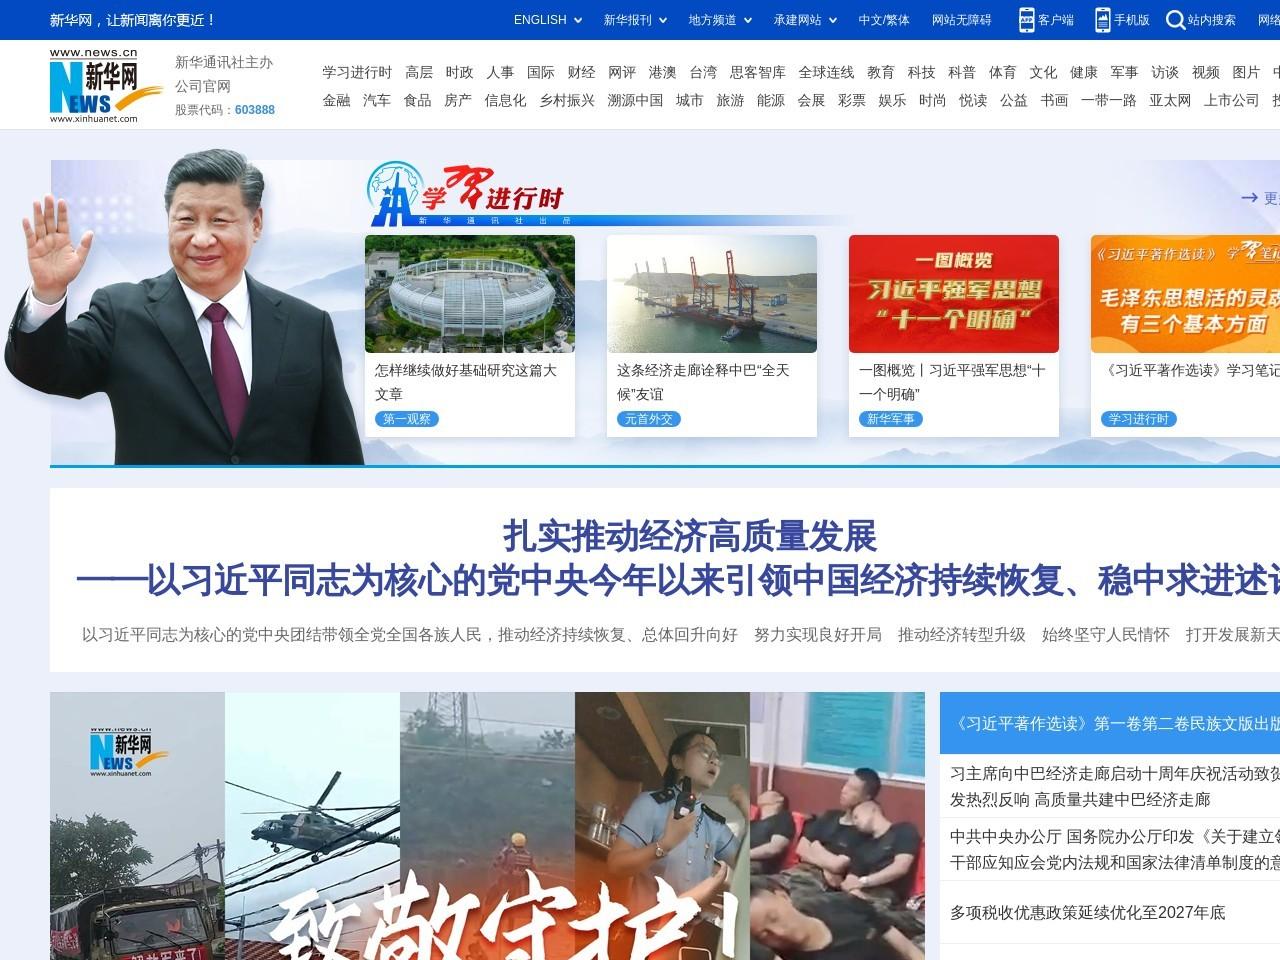 新华网的网站截图